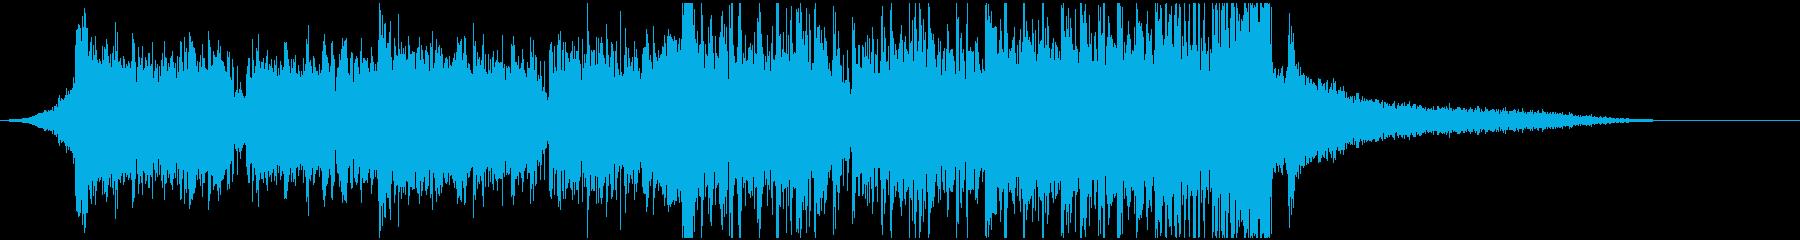 短めなドラムンベースのジングルの再生済みの波形